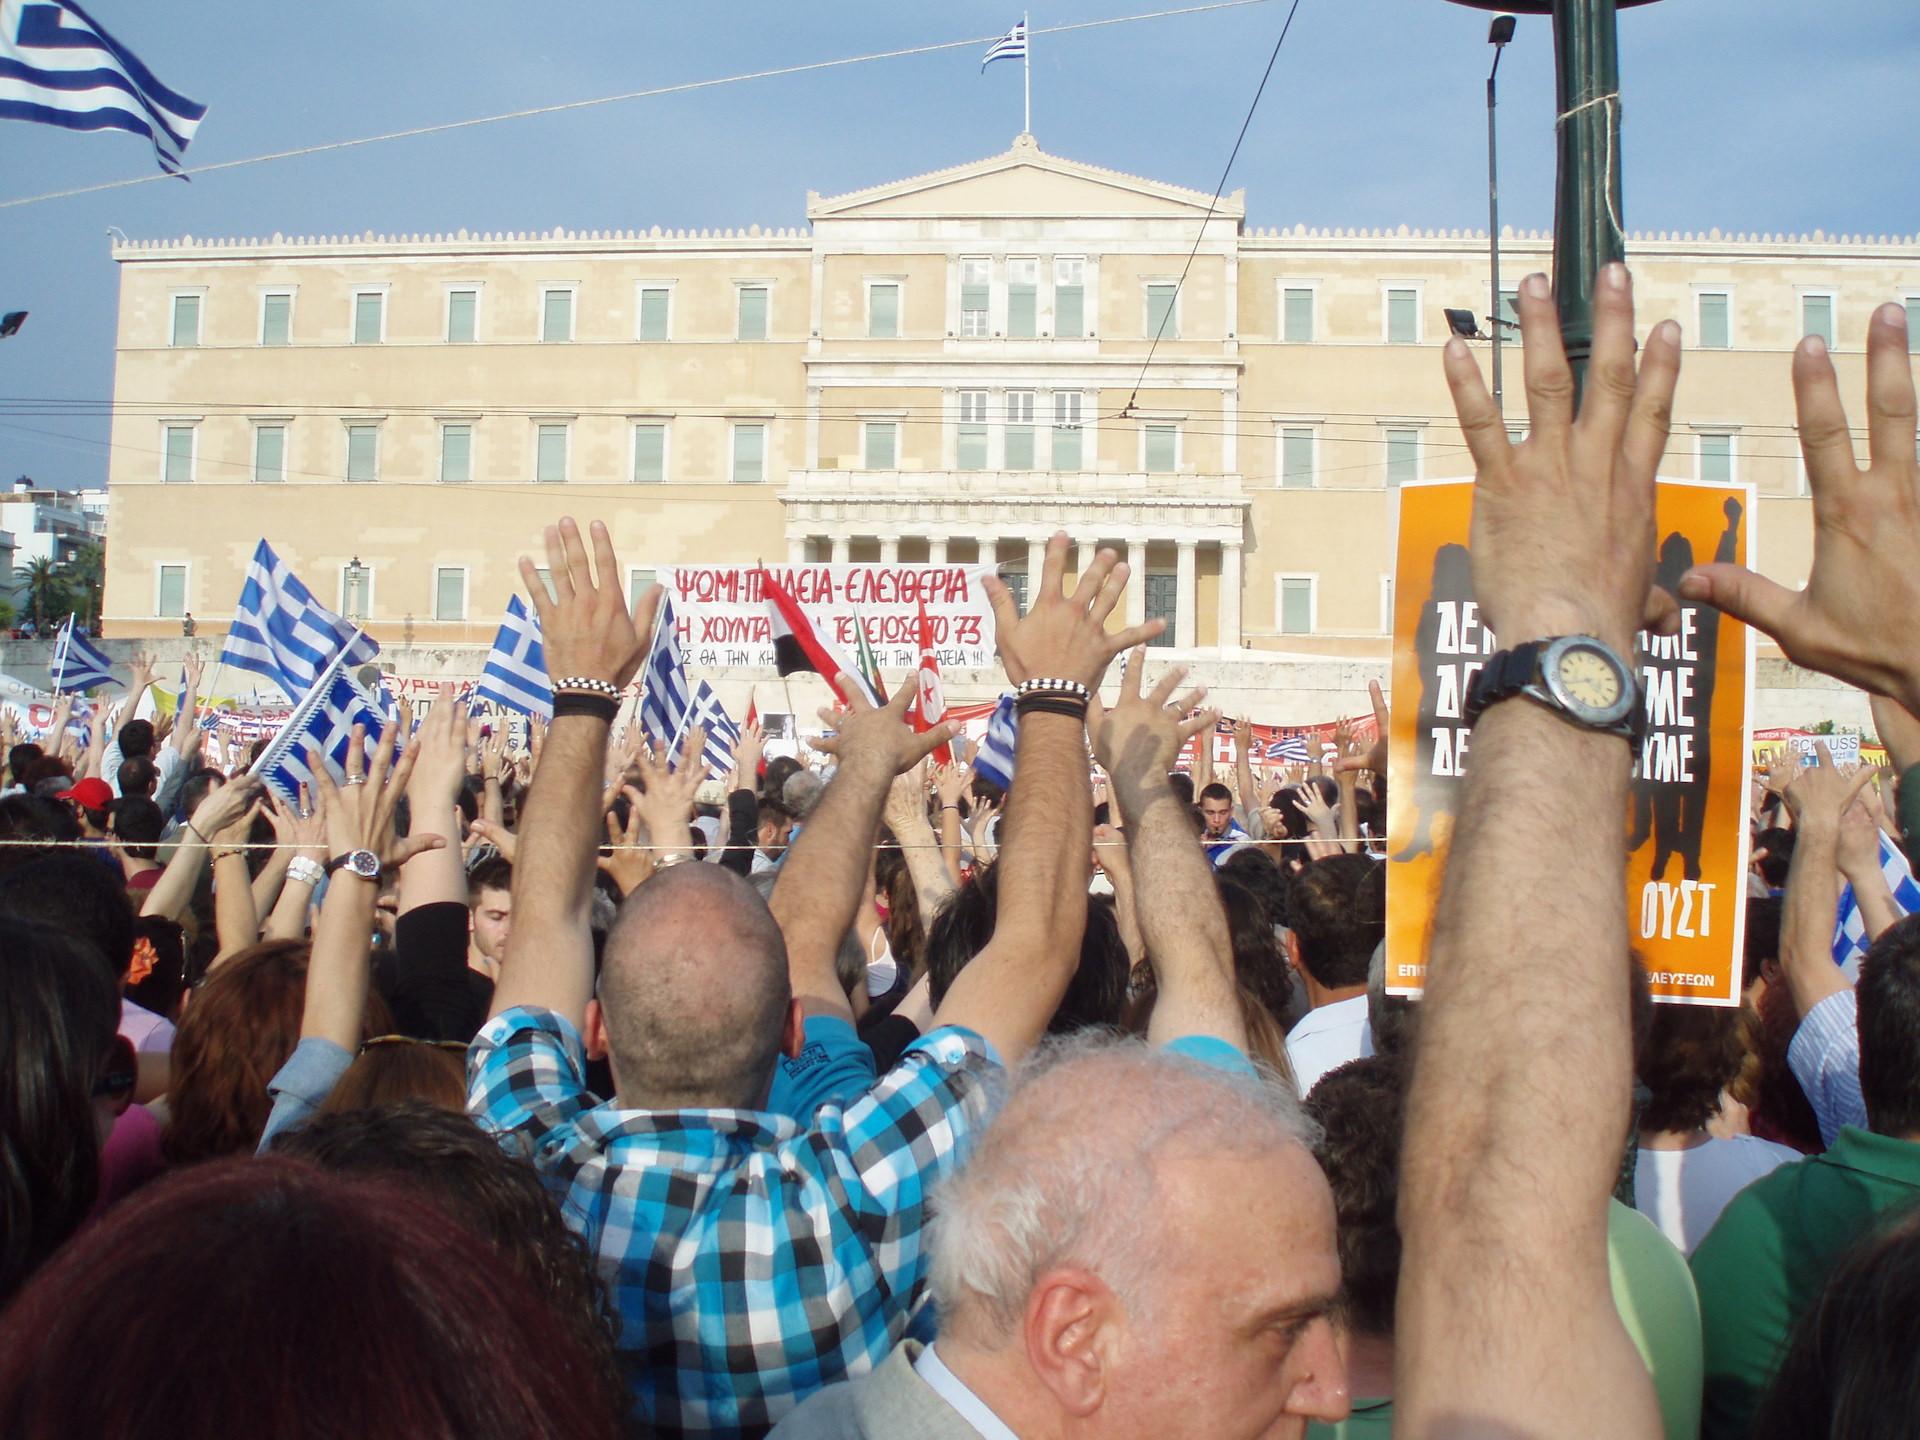 Ο Αντώνης Ζαϊρης βλέπει πως ο εφιάλτης για τους Έλληνες πλησιάζει. Πλεόνασμα, ανάπτυξη, επενδύσεις, είναι ένας μύθος. Η πραγματικότητα λέει πως ήταν λάθος που η κυβέρνηση δεν δέχθηκε πιστωτική γραμμή χρηματοδότησης, επένδυσε στο να βγει η χώρα από τα Μνημόνια και προκρίνει προσλήψεις και αυξήσεις στο Δημόσιο. new deal